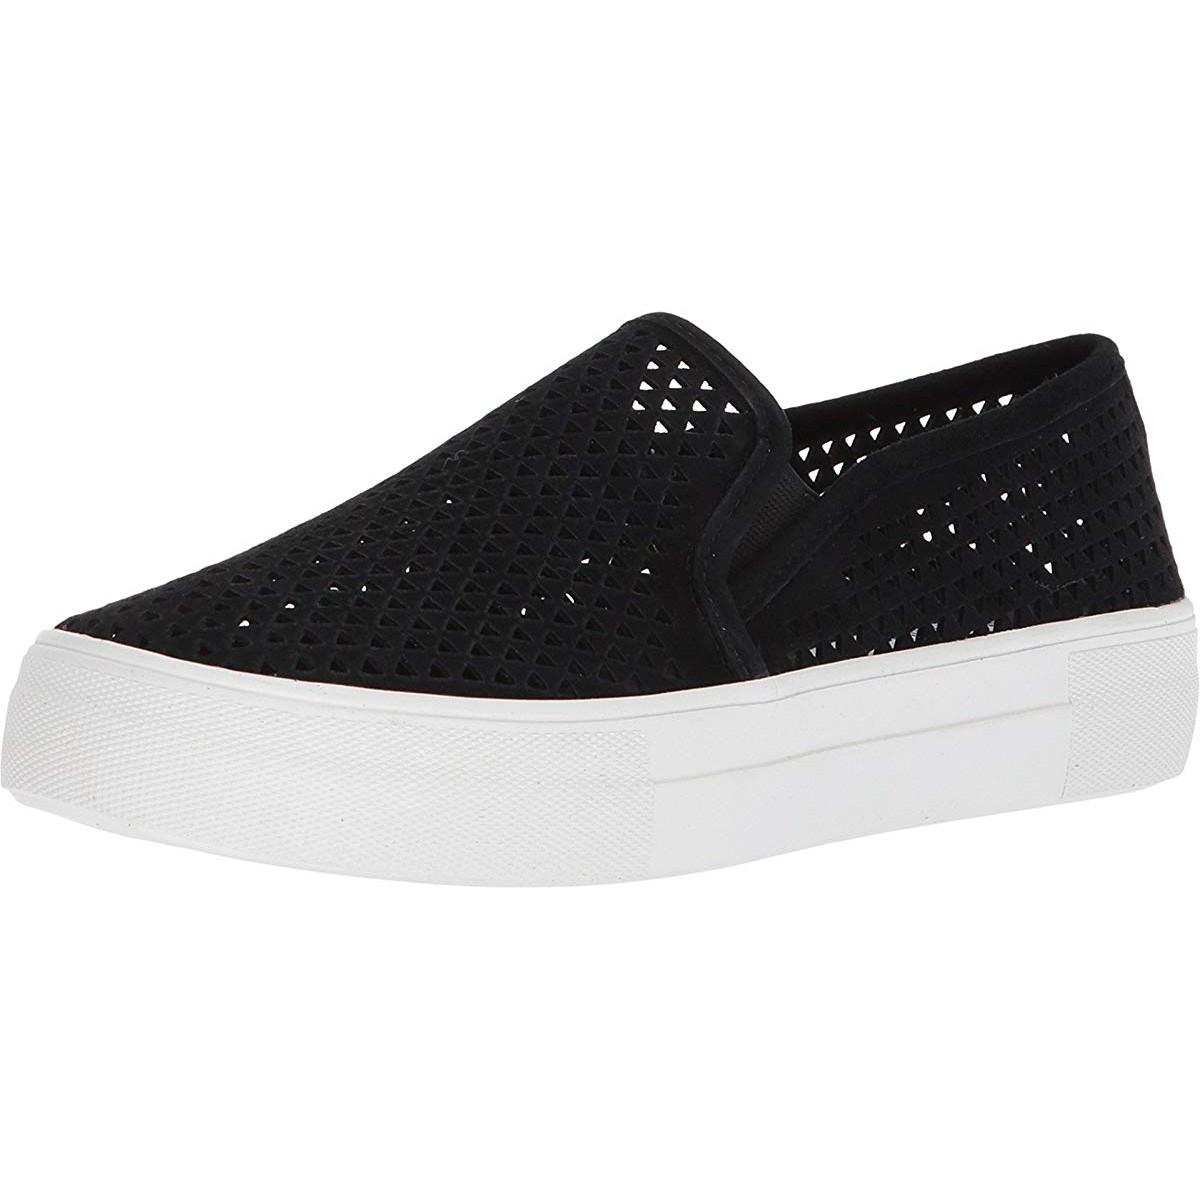 Кроссовки Steve Madden Gills-P Sneaker Black - Оригинал, фото 1